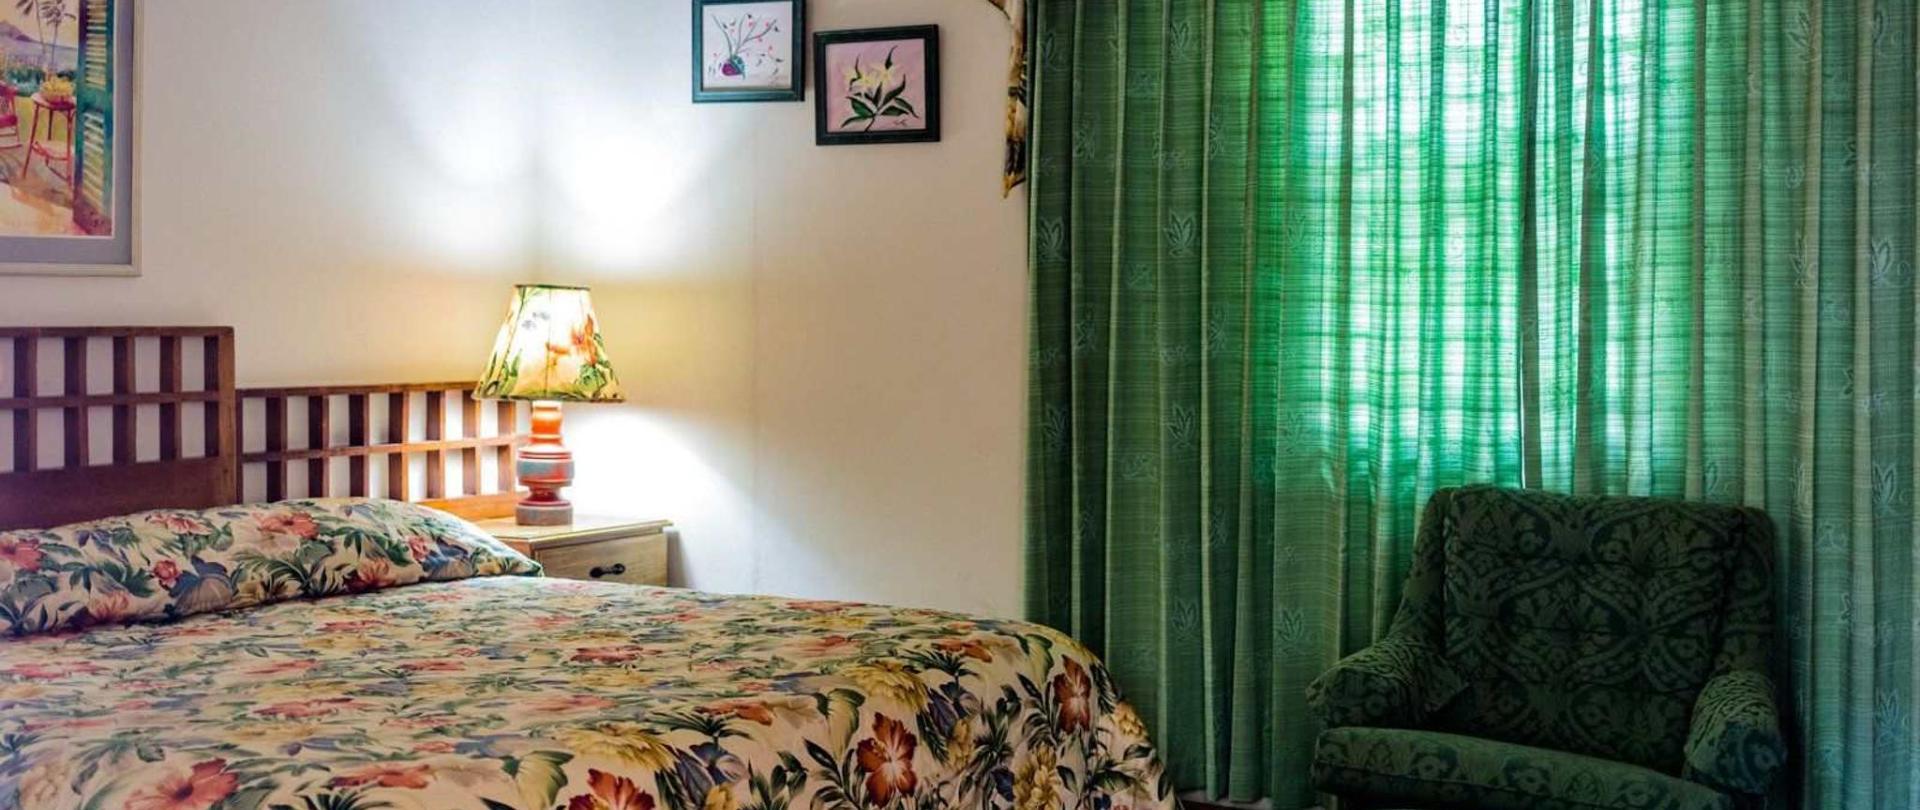 floral-room-3-1.jpg